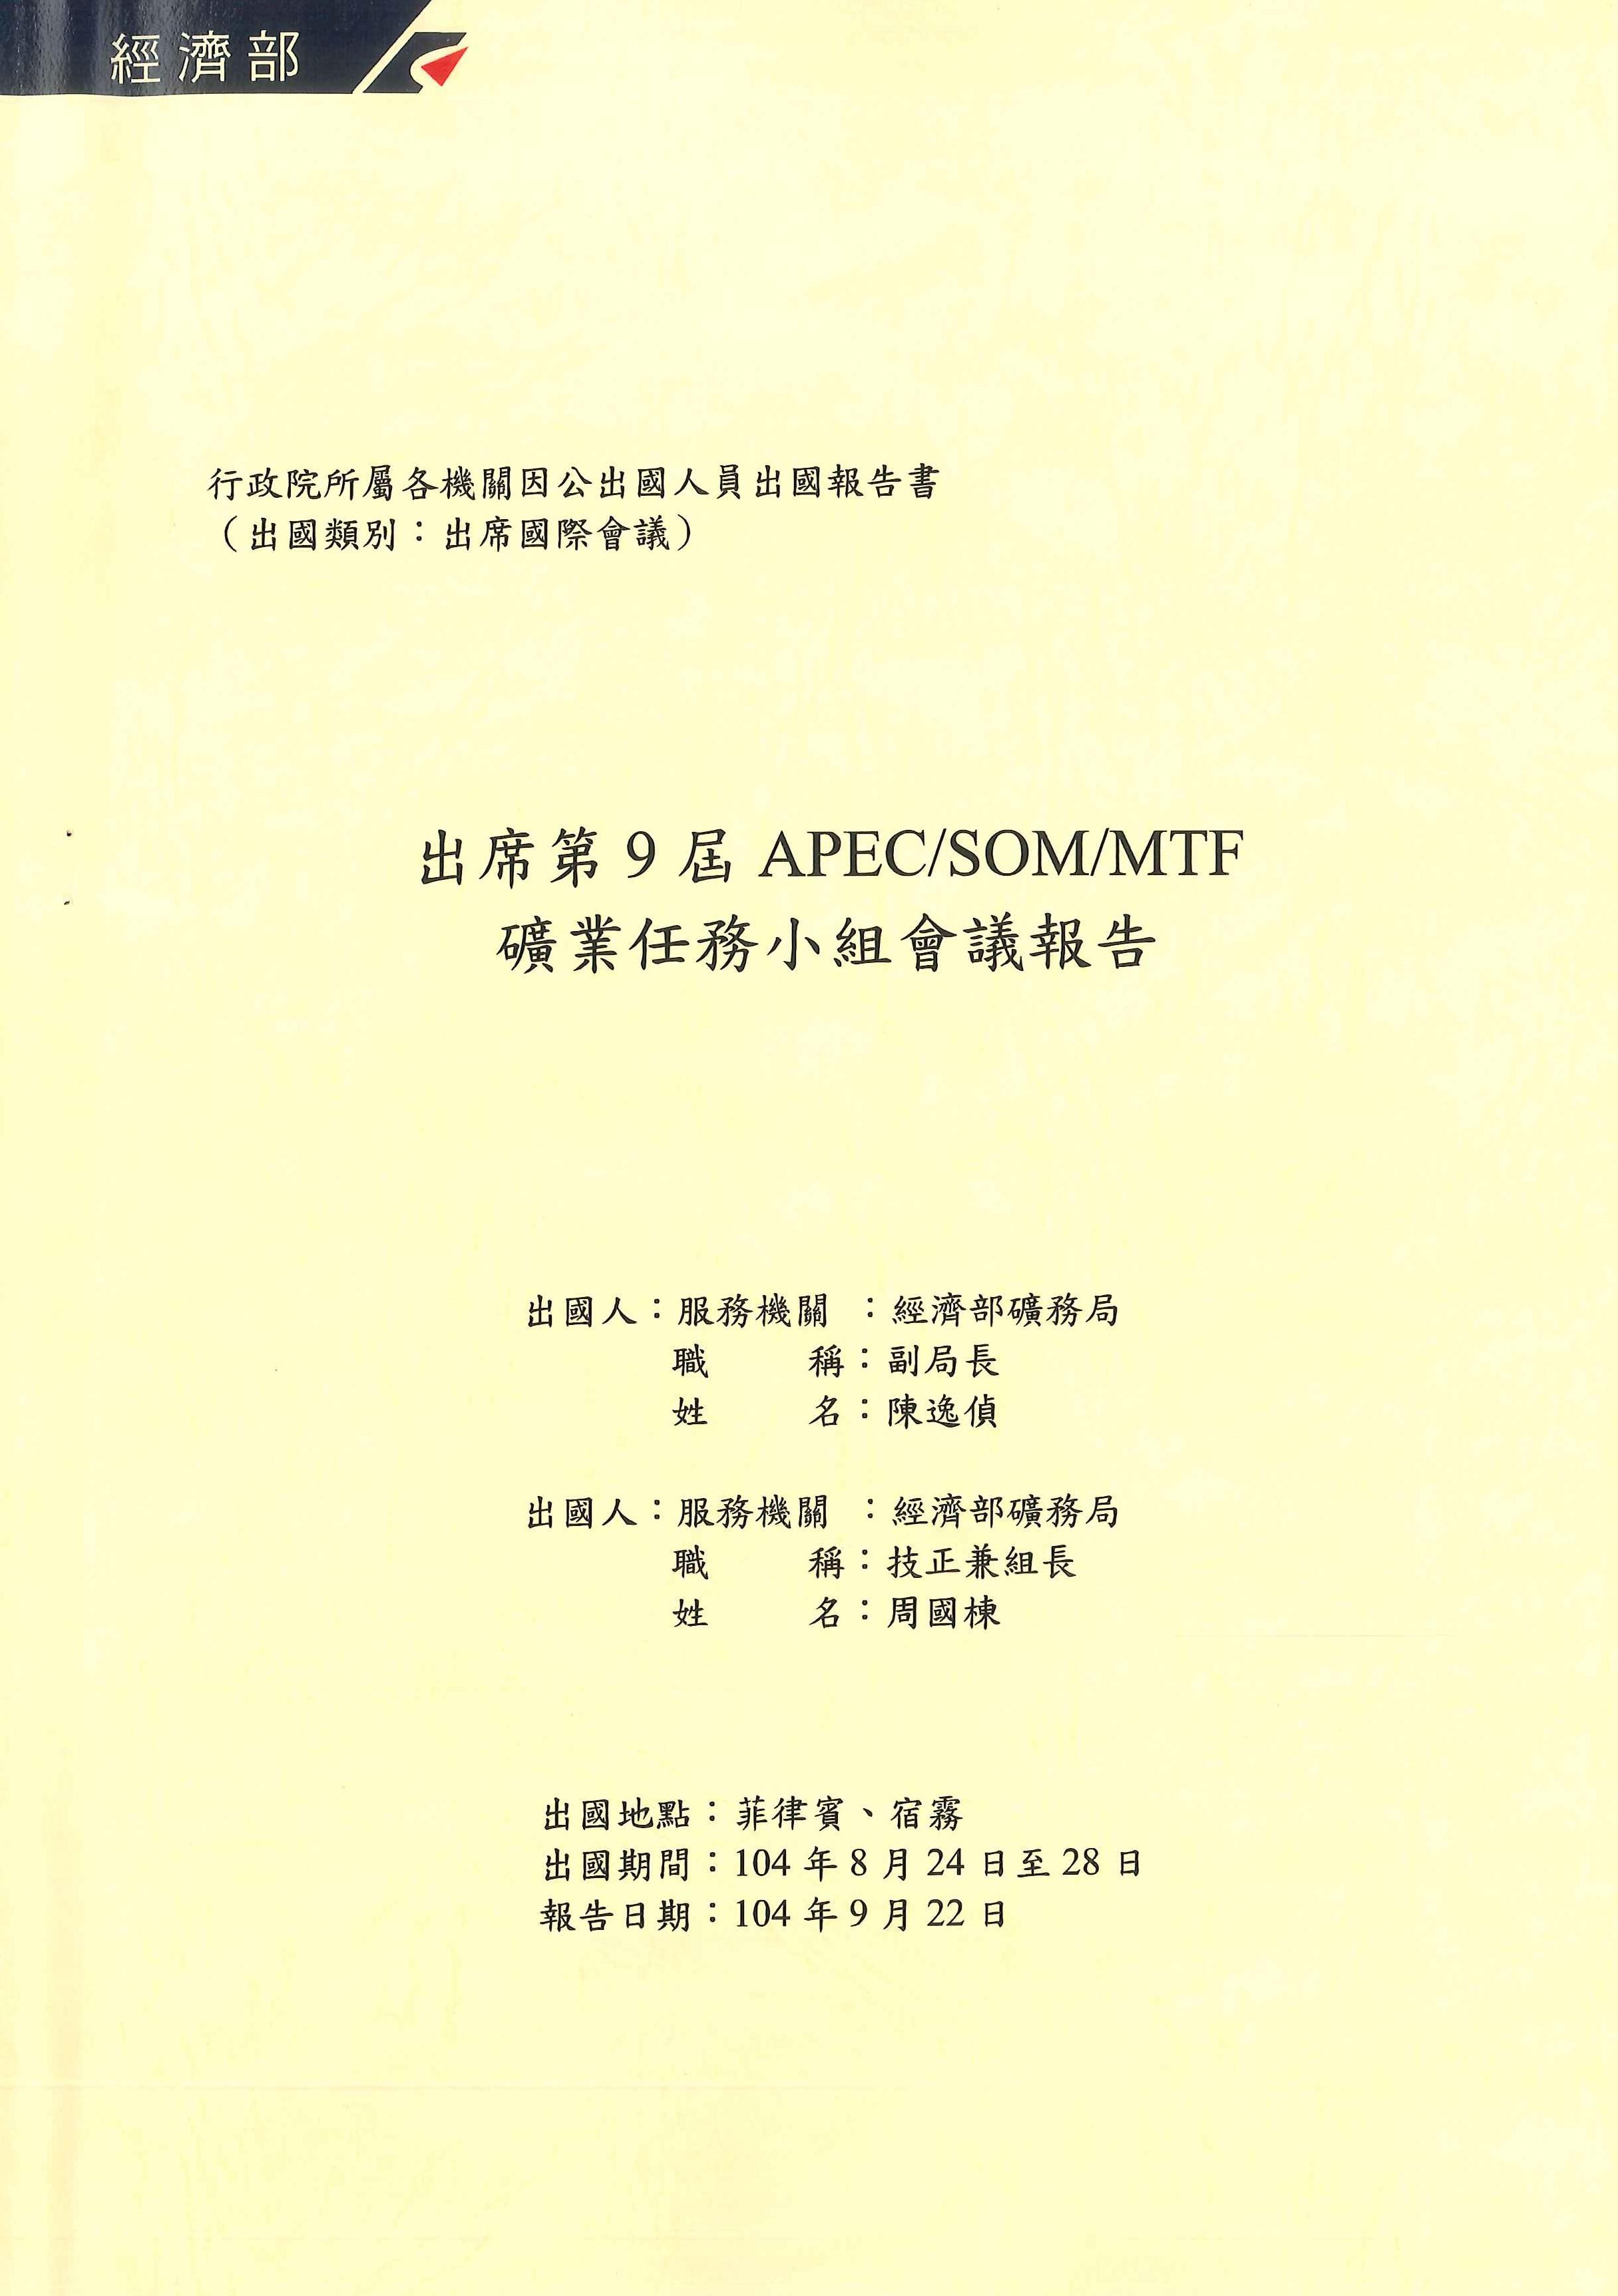 出席第9屆APEC/SOM/MTF礦業任務小組會議報告